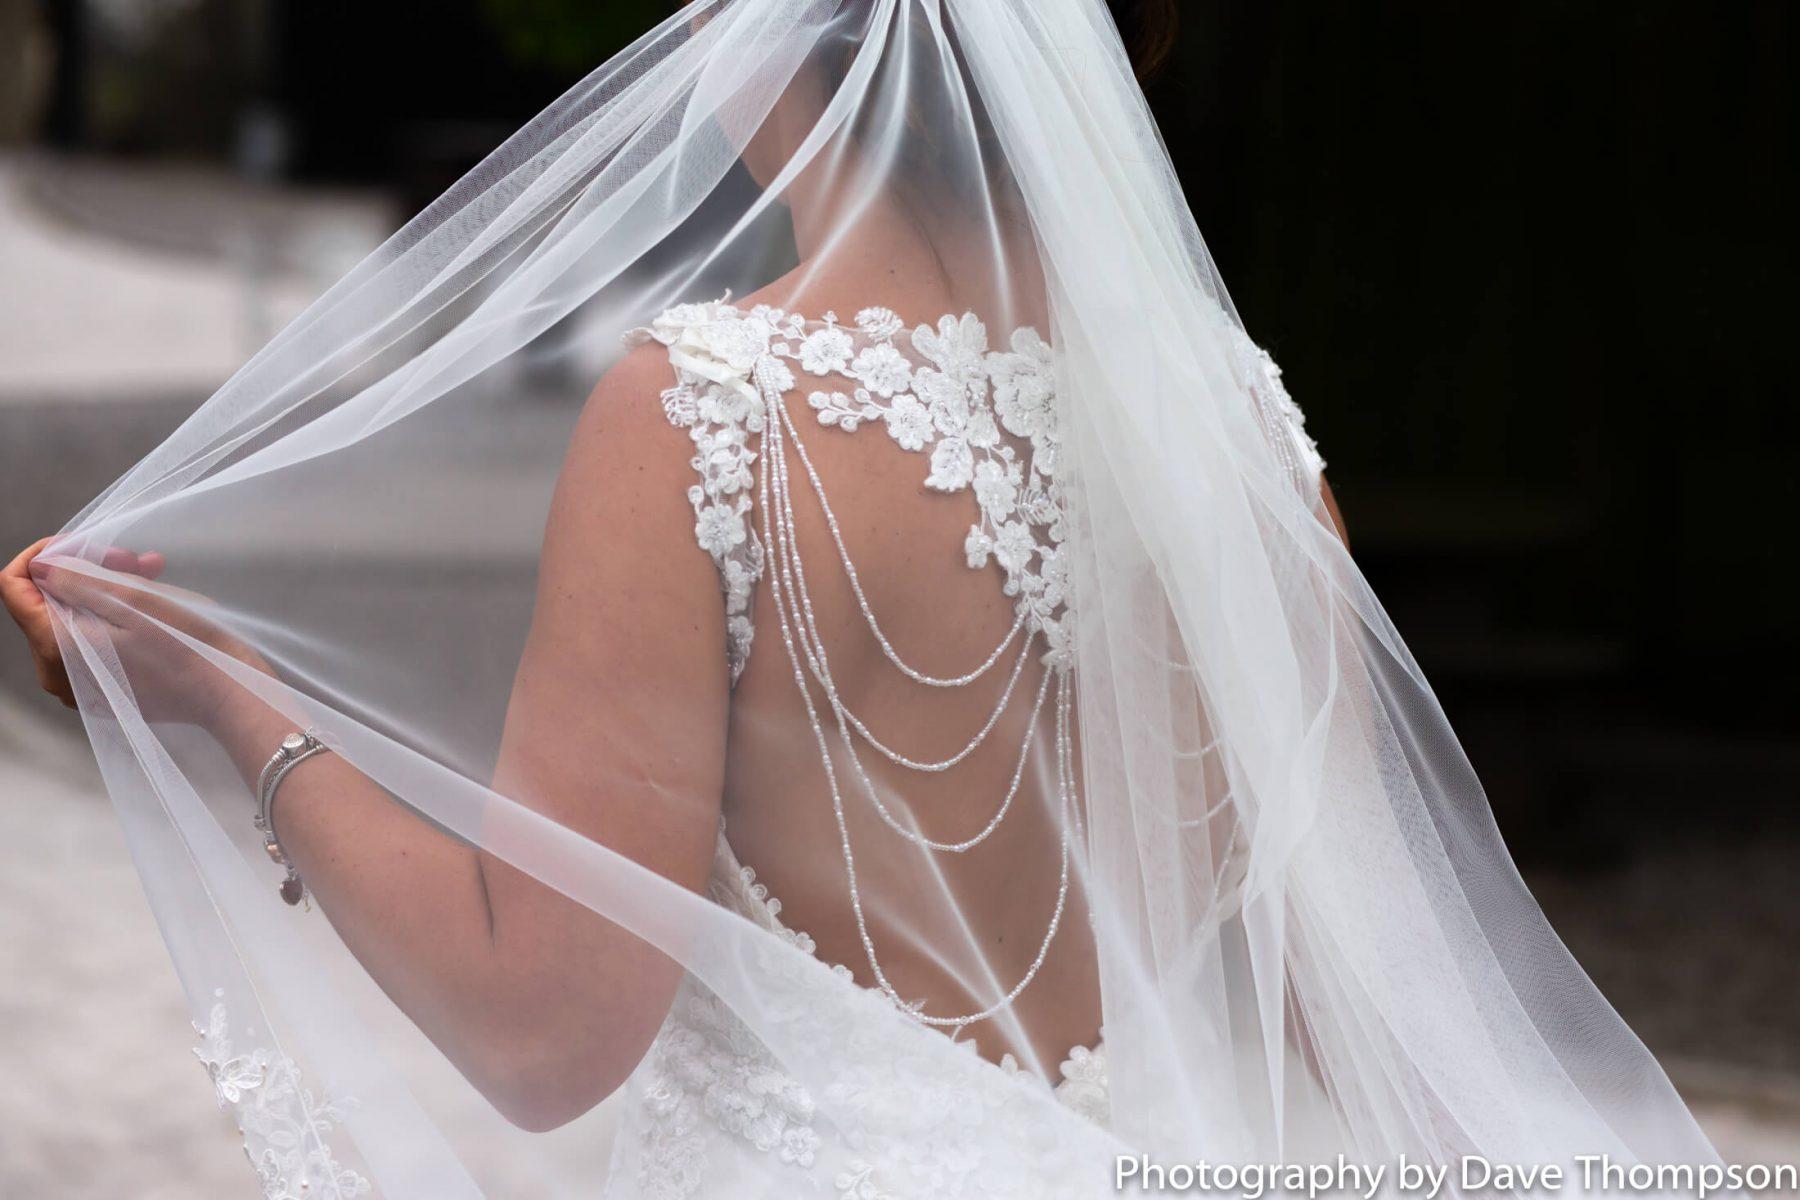 Detail shot of a dress through the veil